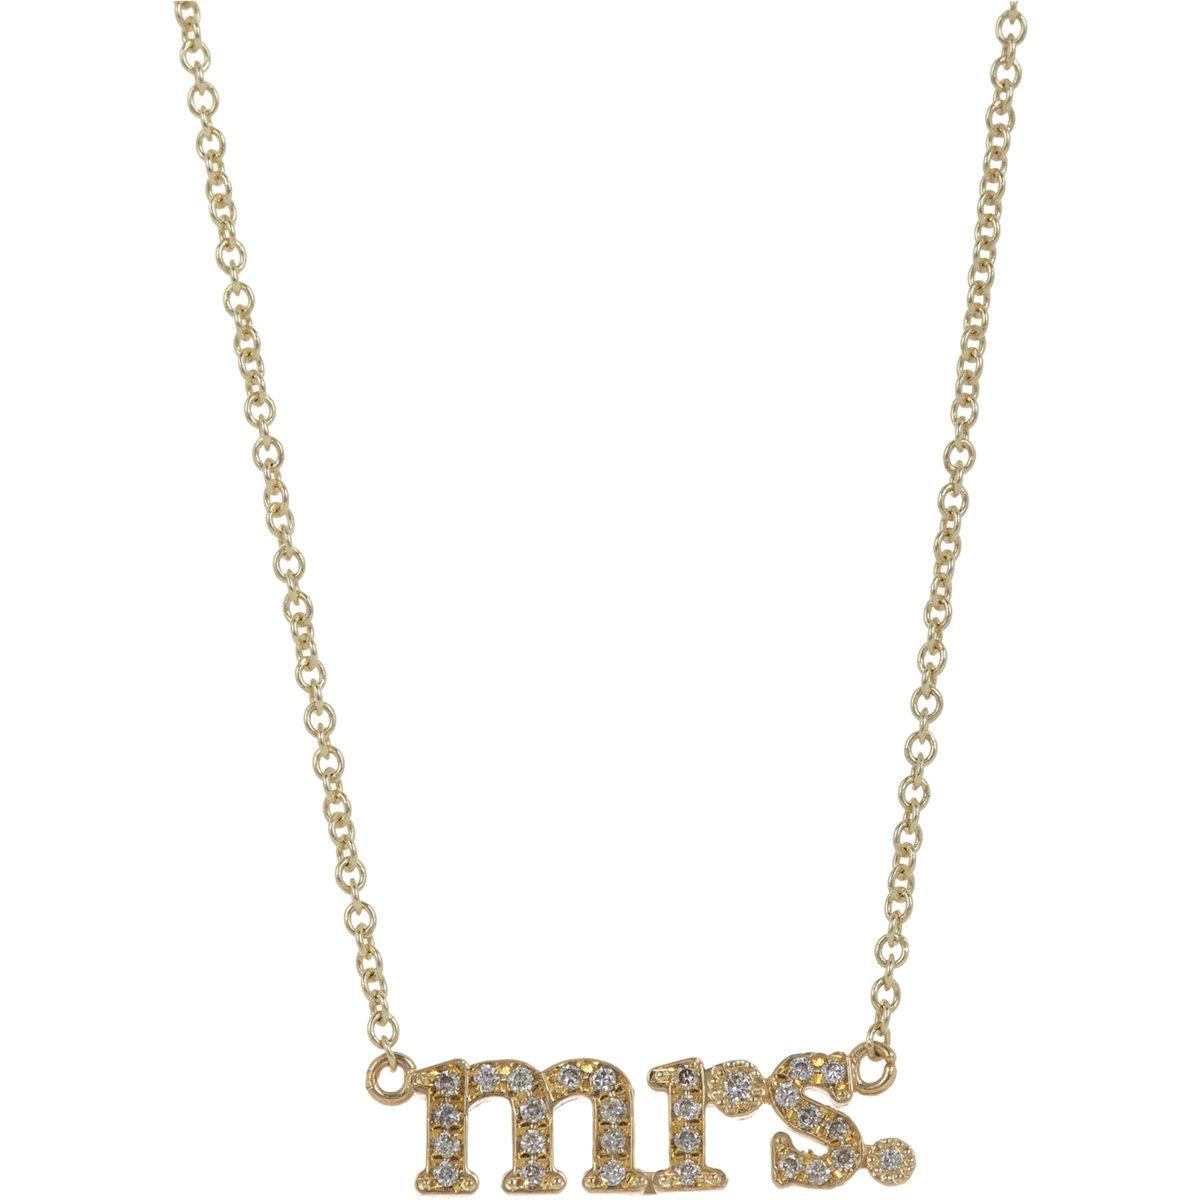 Jennifer meyer Women's Initial Necklace in Gold | Lyst